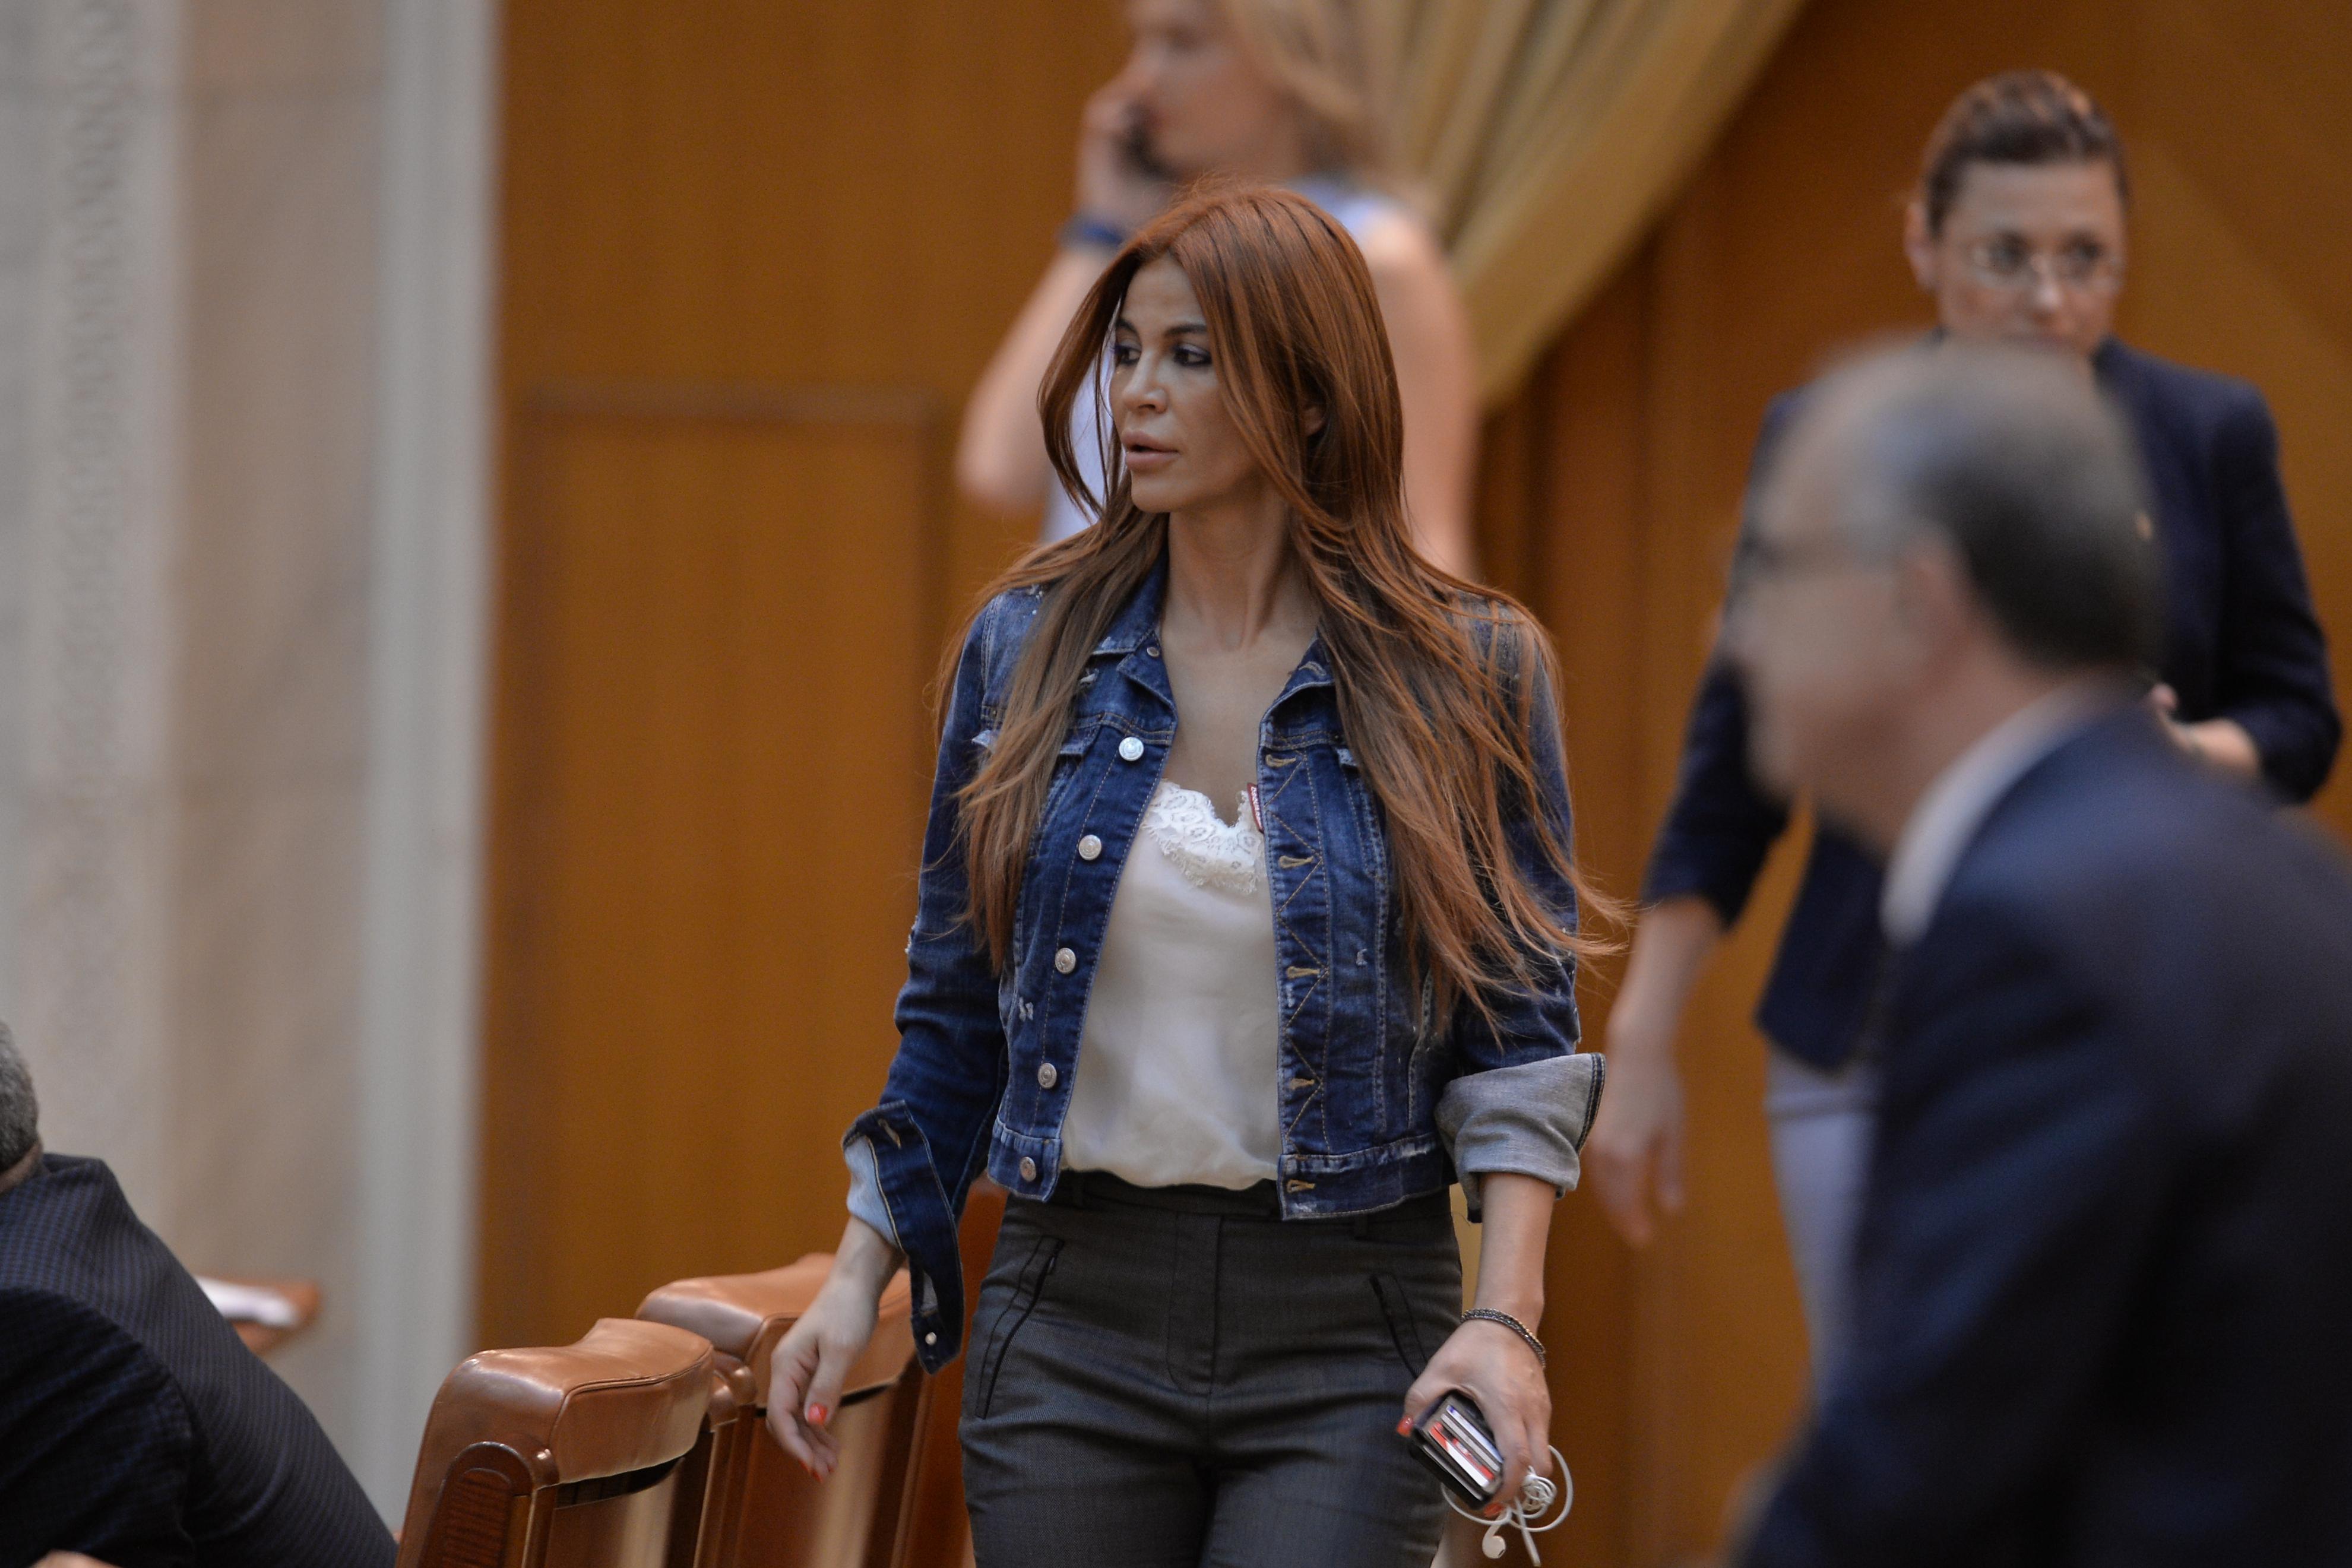 Andreea Cosma, plângere la Poliţie după ce ar fi fost ameninţă: Sunt suspiciuni că mesajele ar veni de la Negulescu | FOTO